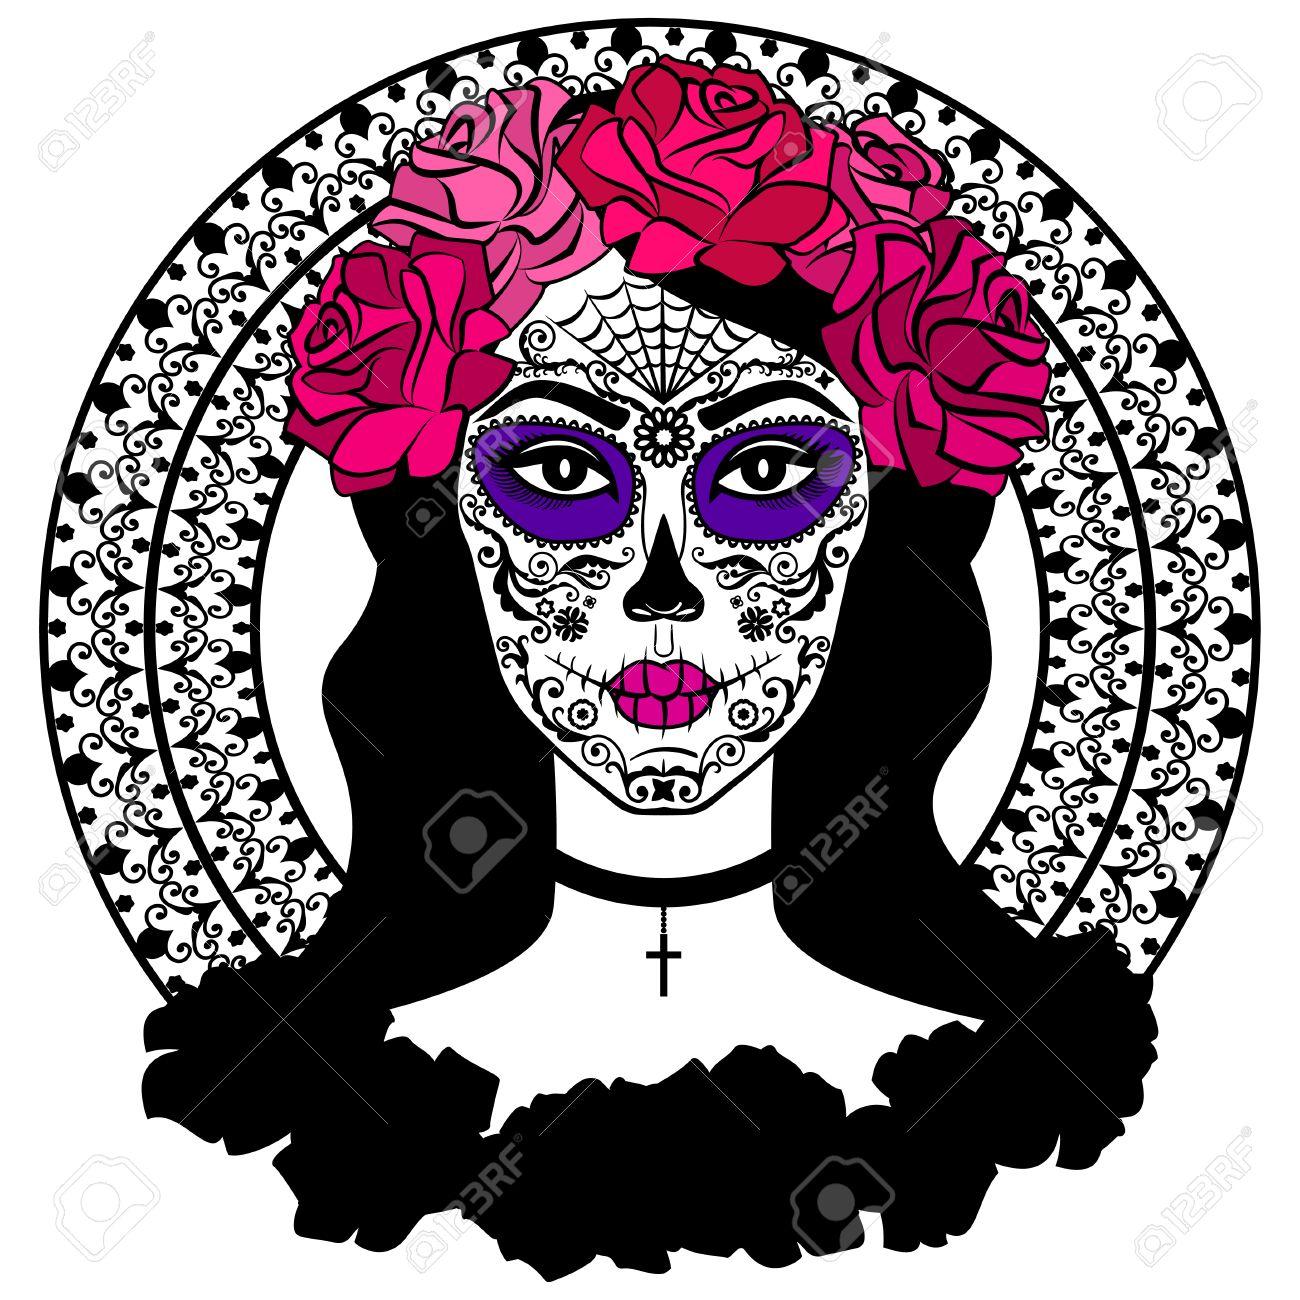 Girl With Sugar Skull Makeup Calavera Catrina Mexican Day Of